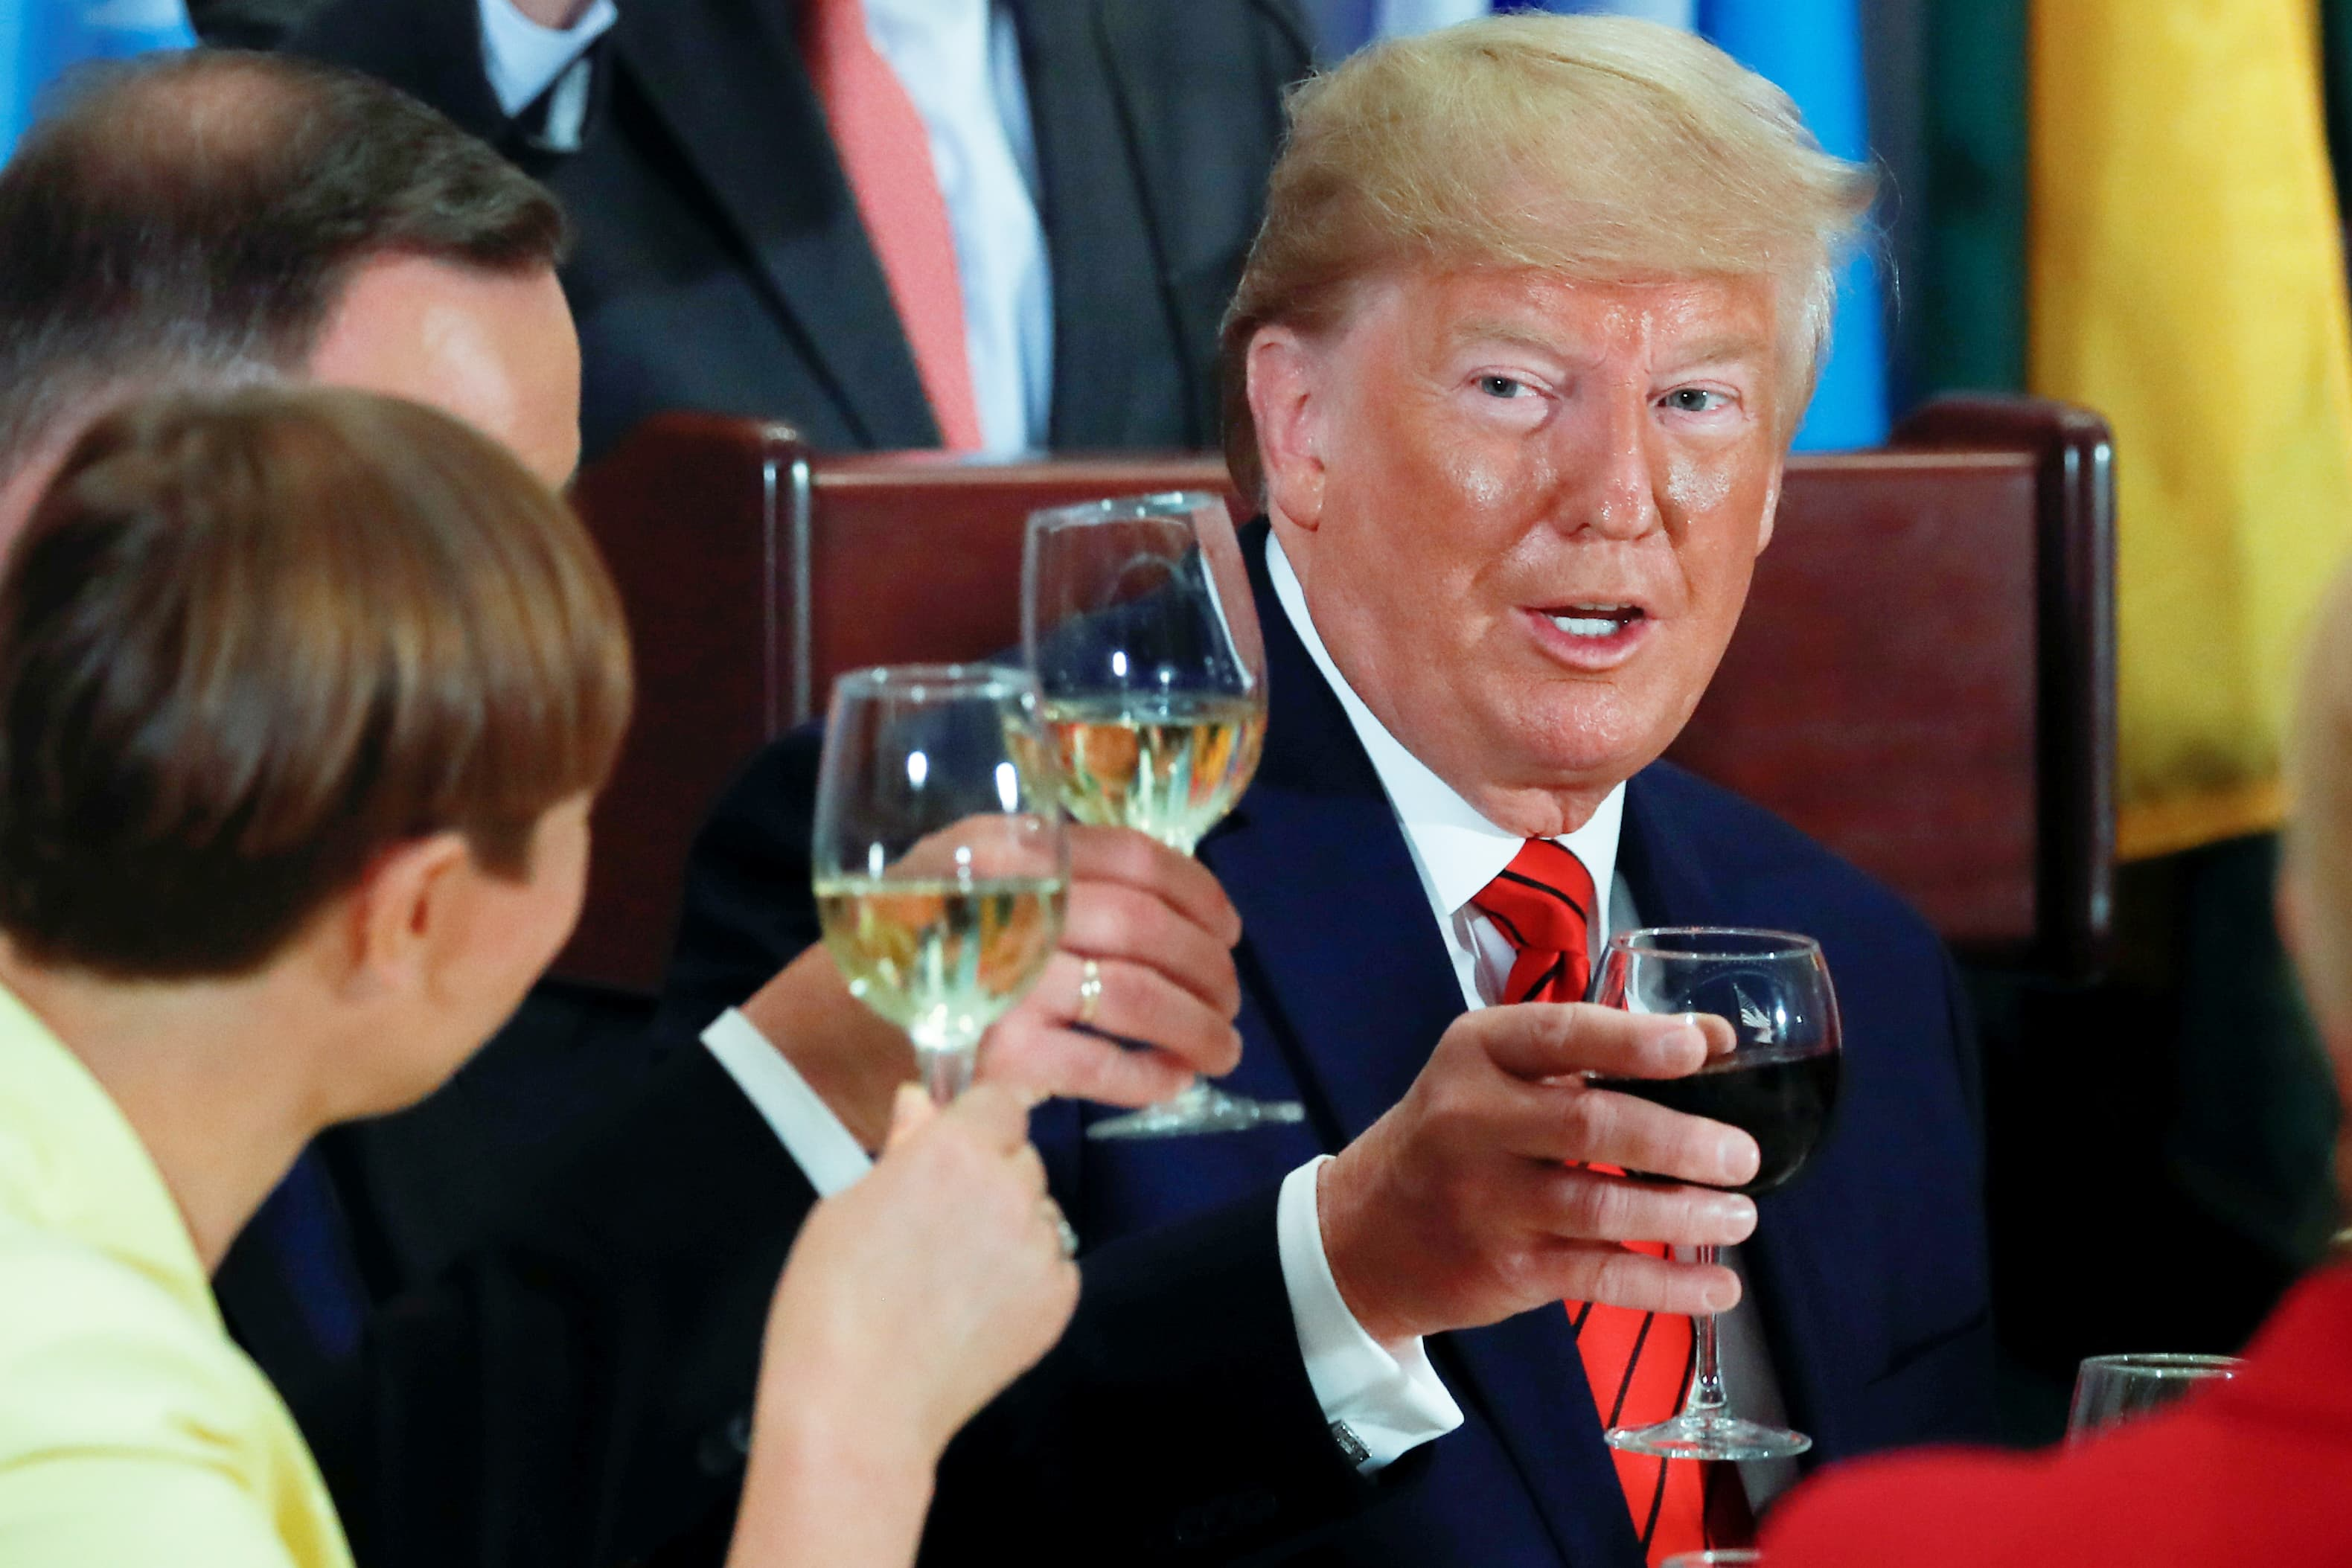 Huge trade tariffs could hit Europe next week if US wins WTO dispute